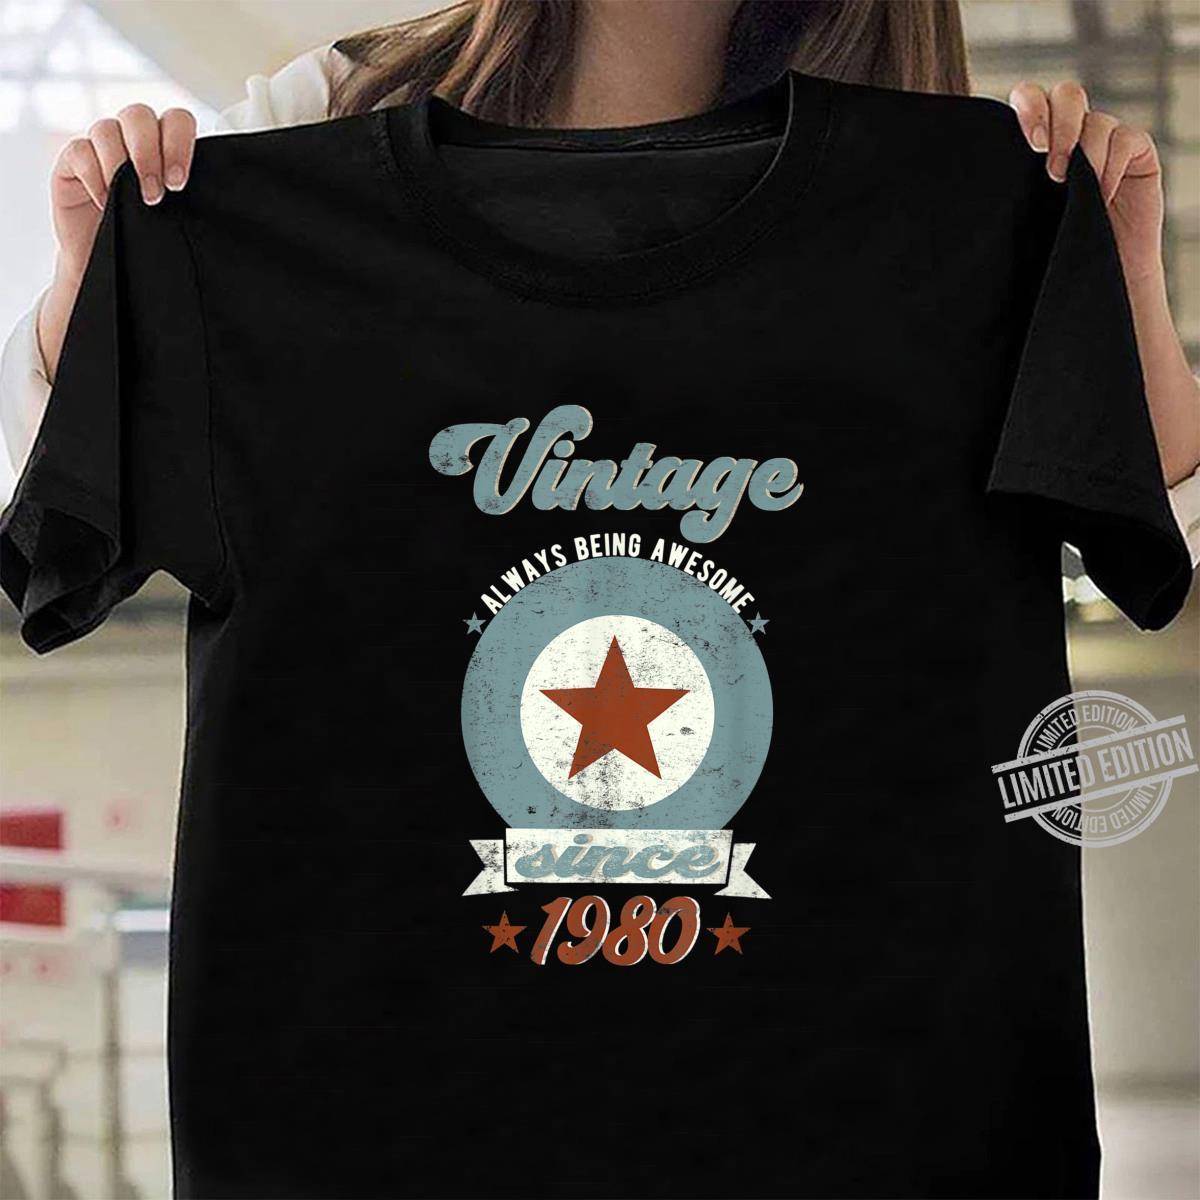 Geboren 1980 Vintage Stern Geburtstag Shirt ladies tee